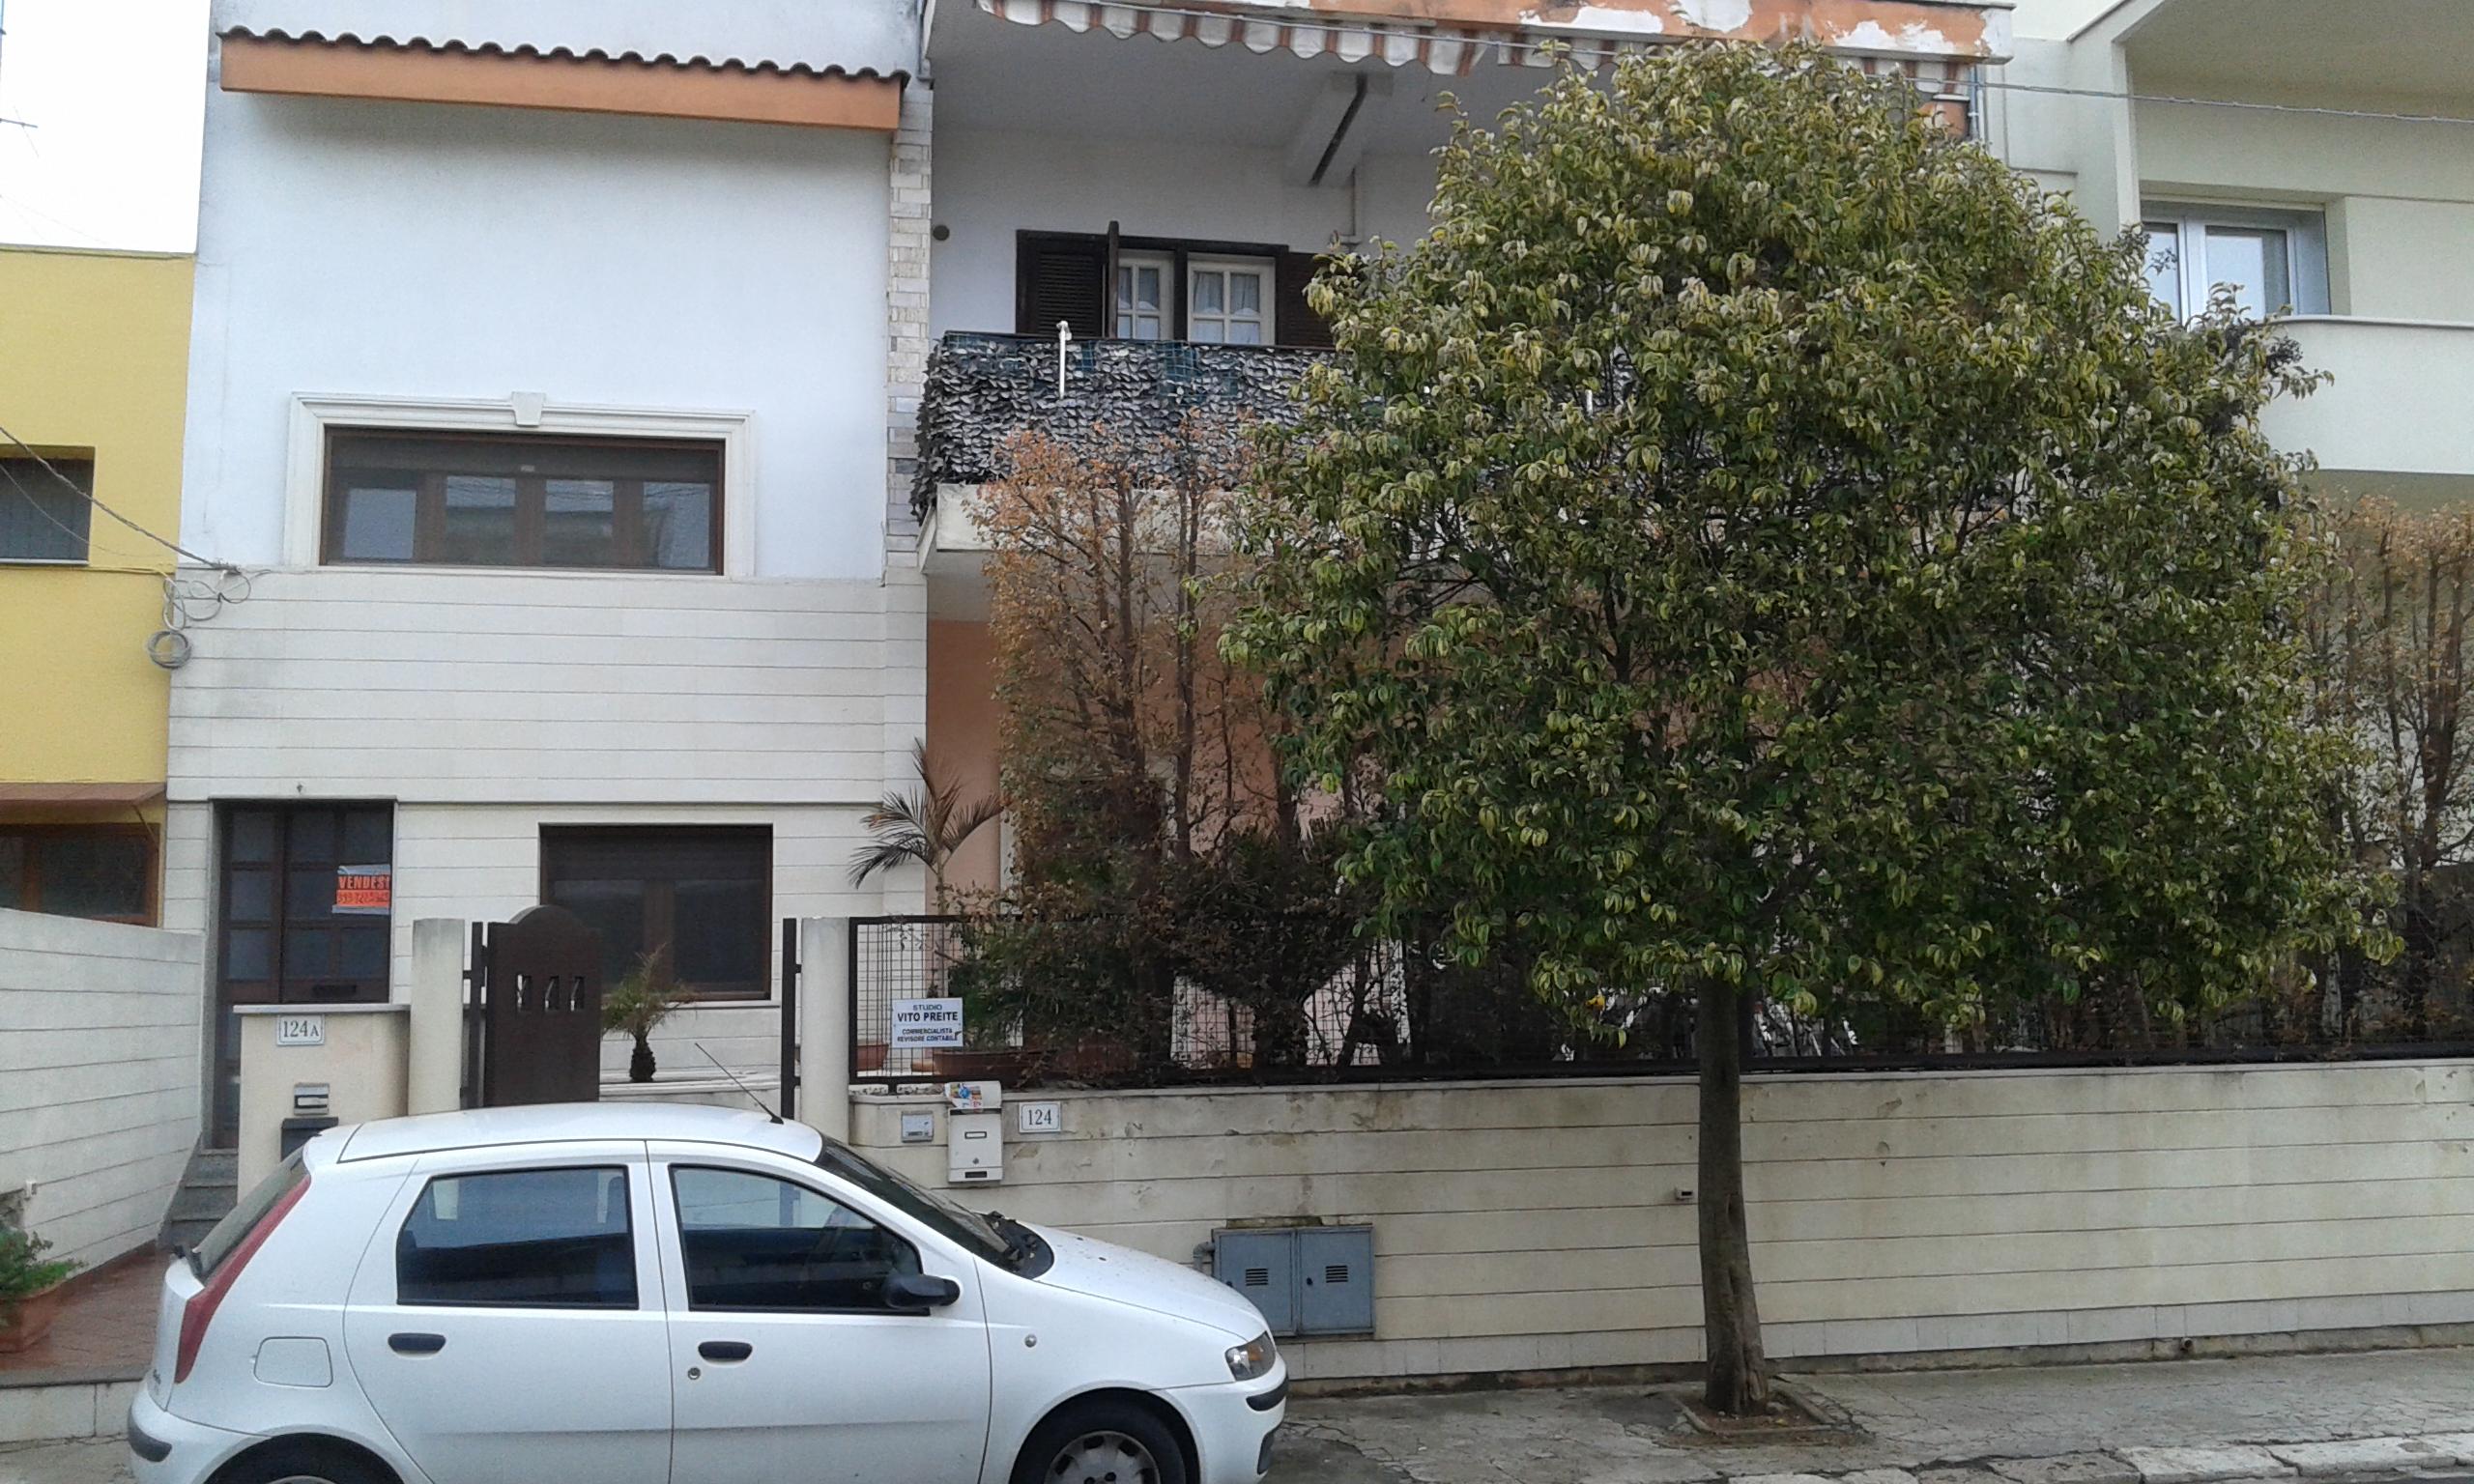 Indipendente con pertinenze esterne e ufficio in ottima zona (Taurisano)